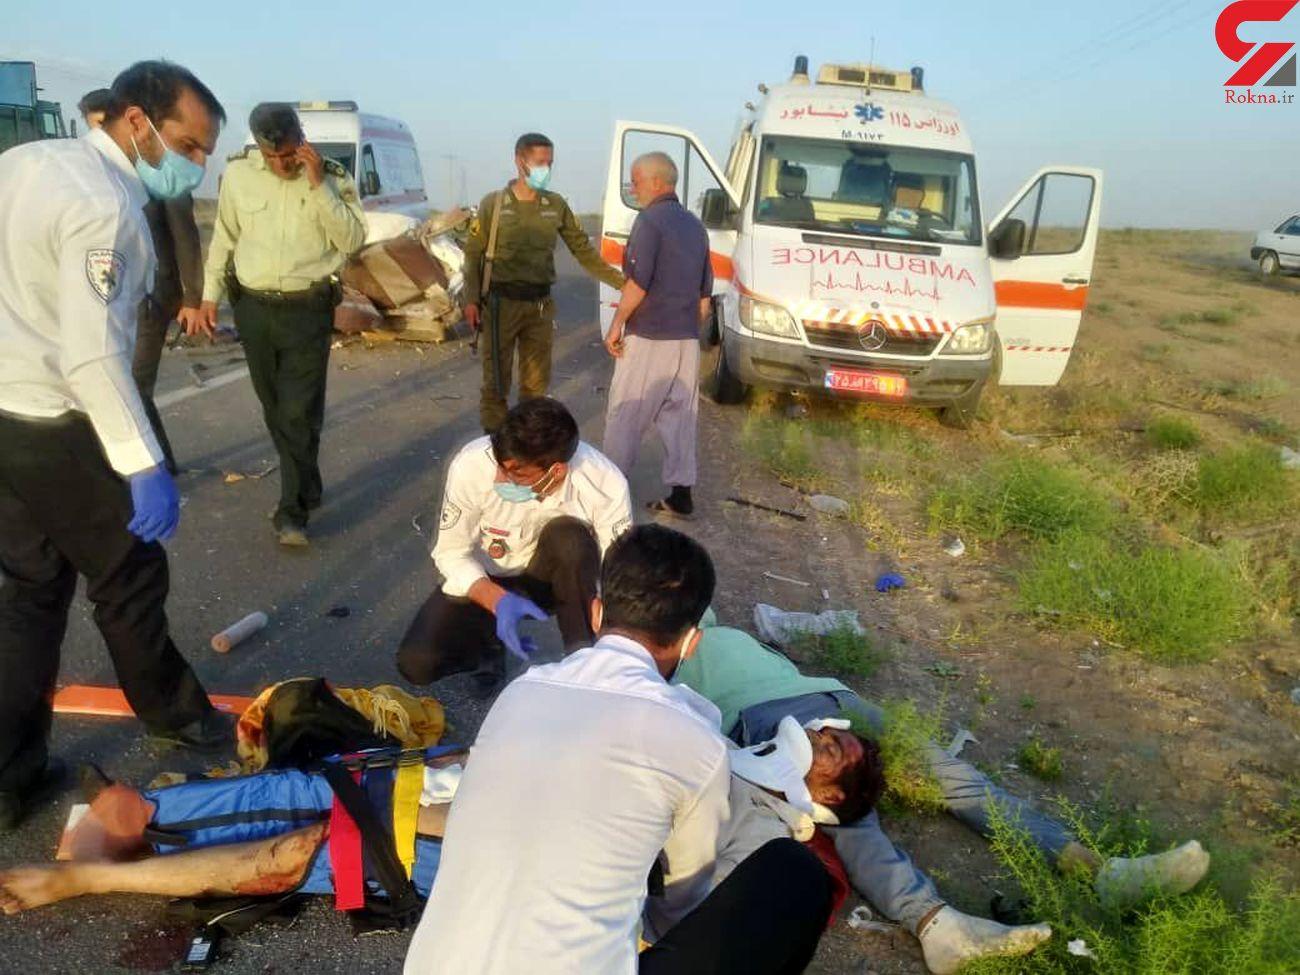 حادثه محور الیگودرز _ اصفهان ۶ مجروح برجا گذاشت  وخامت حال ۲ تن از مجروحان